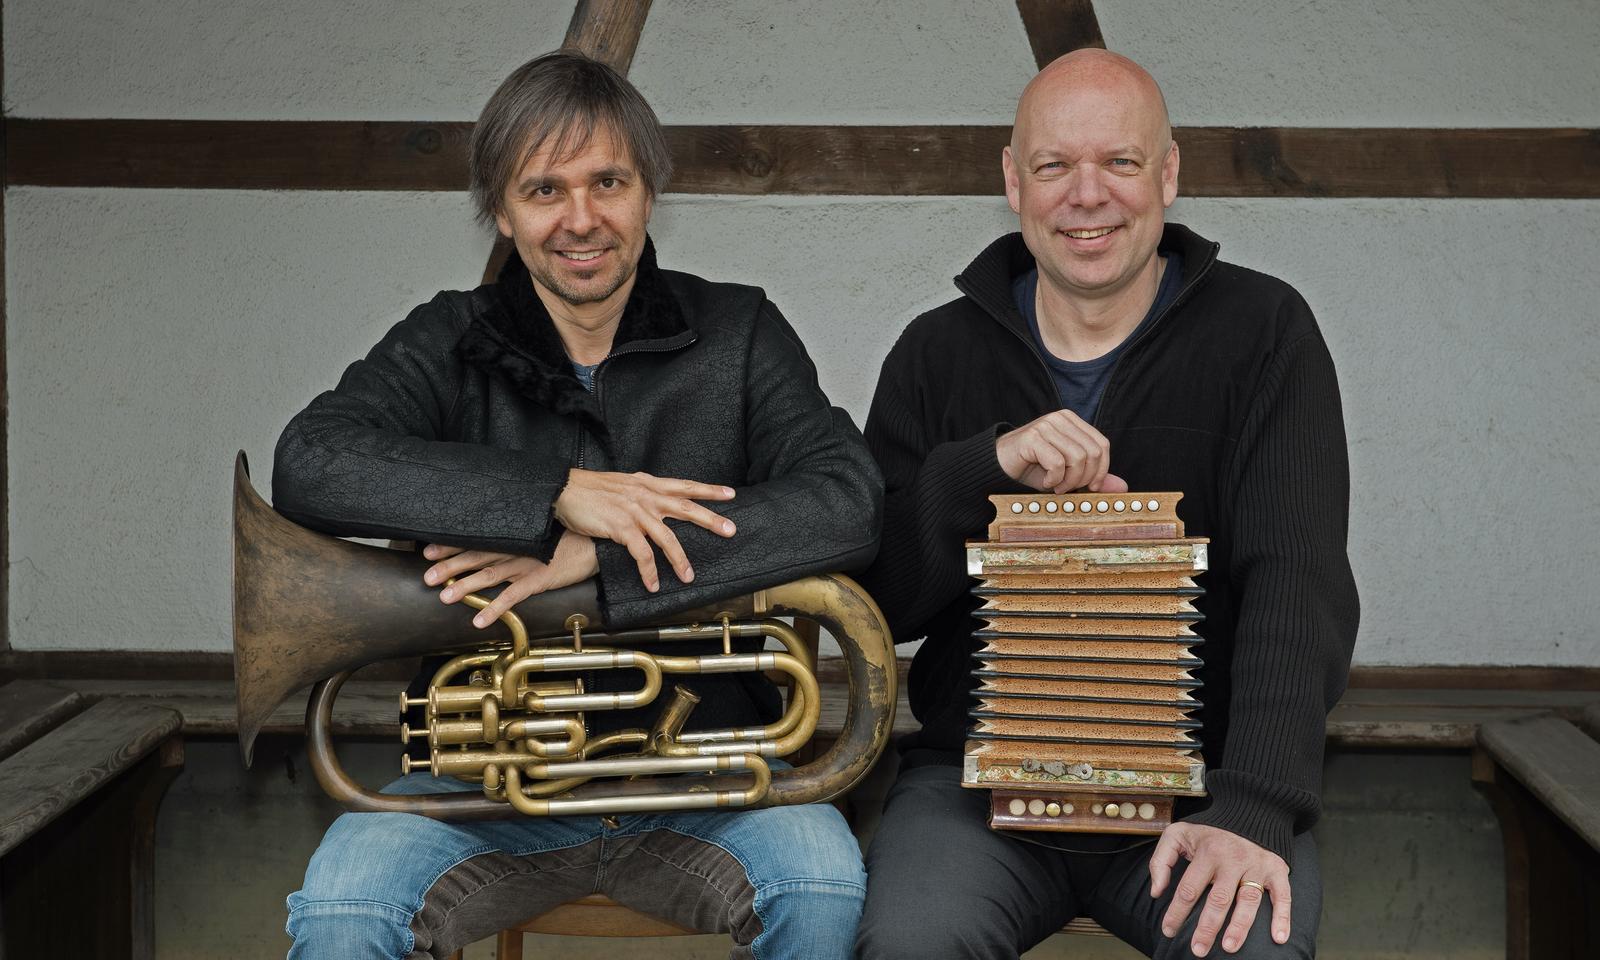 Aeschbacher & Streiff